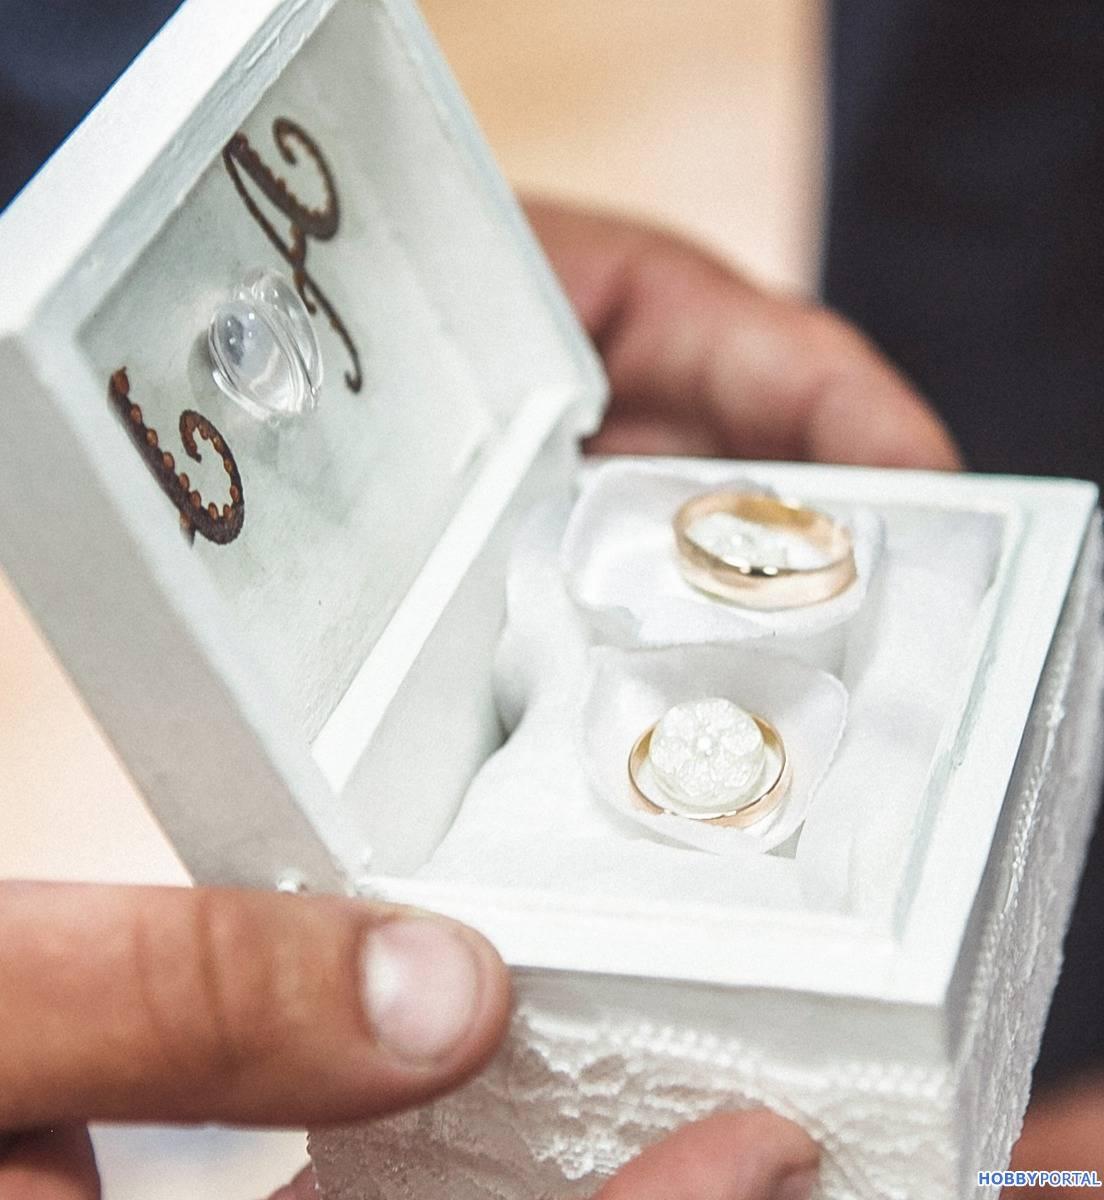 Шкатулка для украшений своими руками: как сделать шкатулку для колец и других ювелирных украшений из коробки и картона, дерева и других материалов?